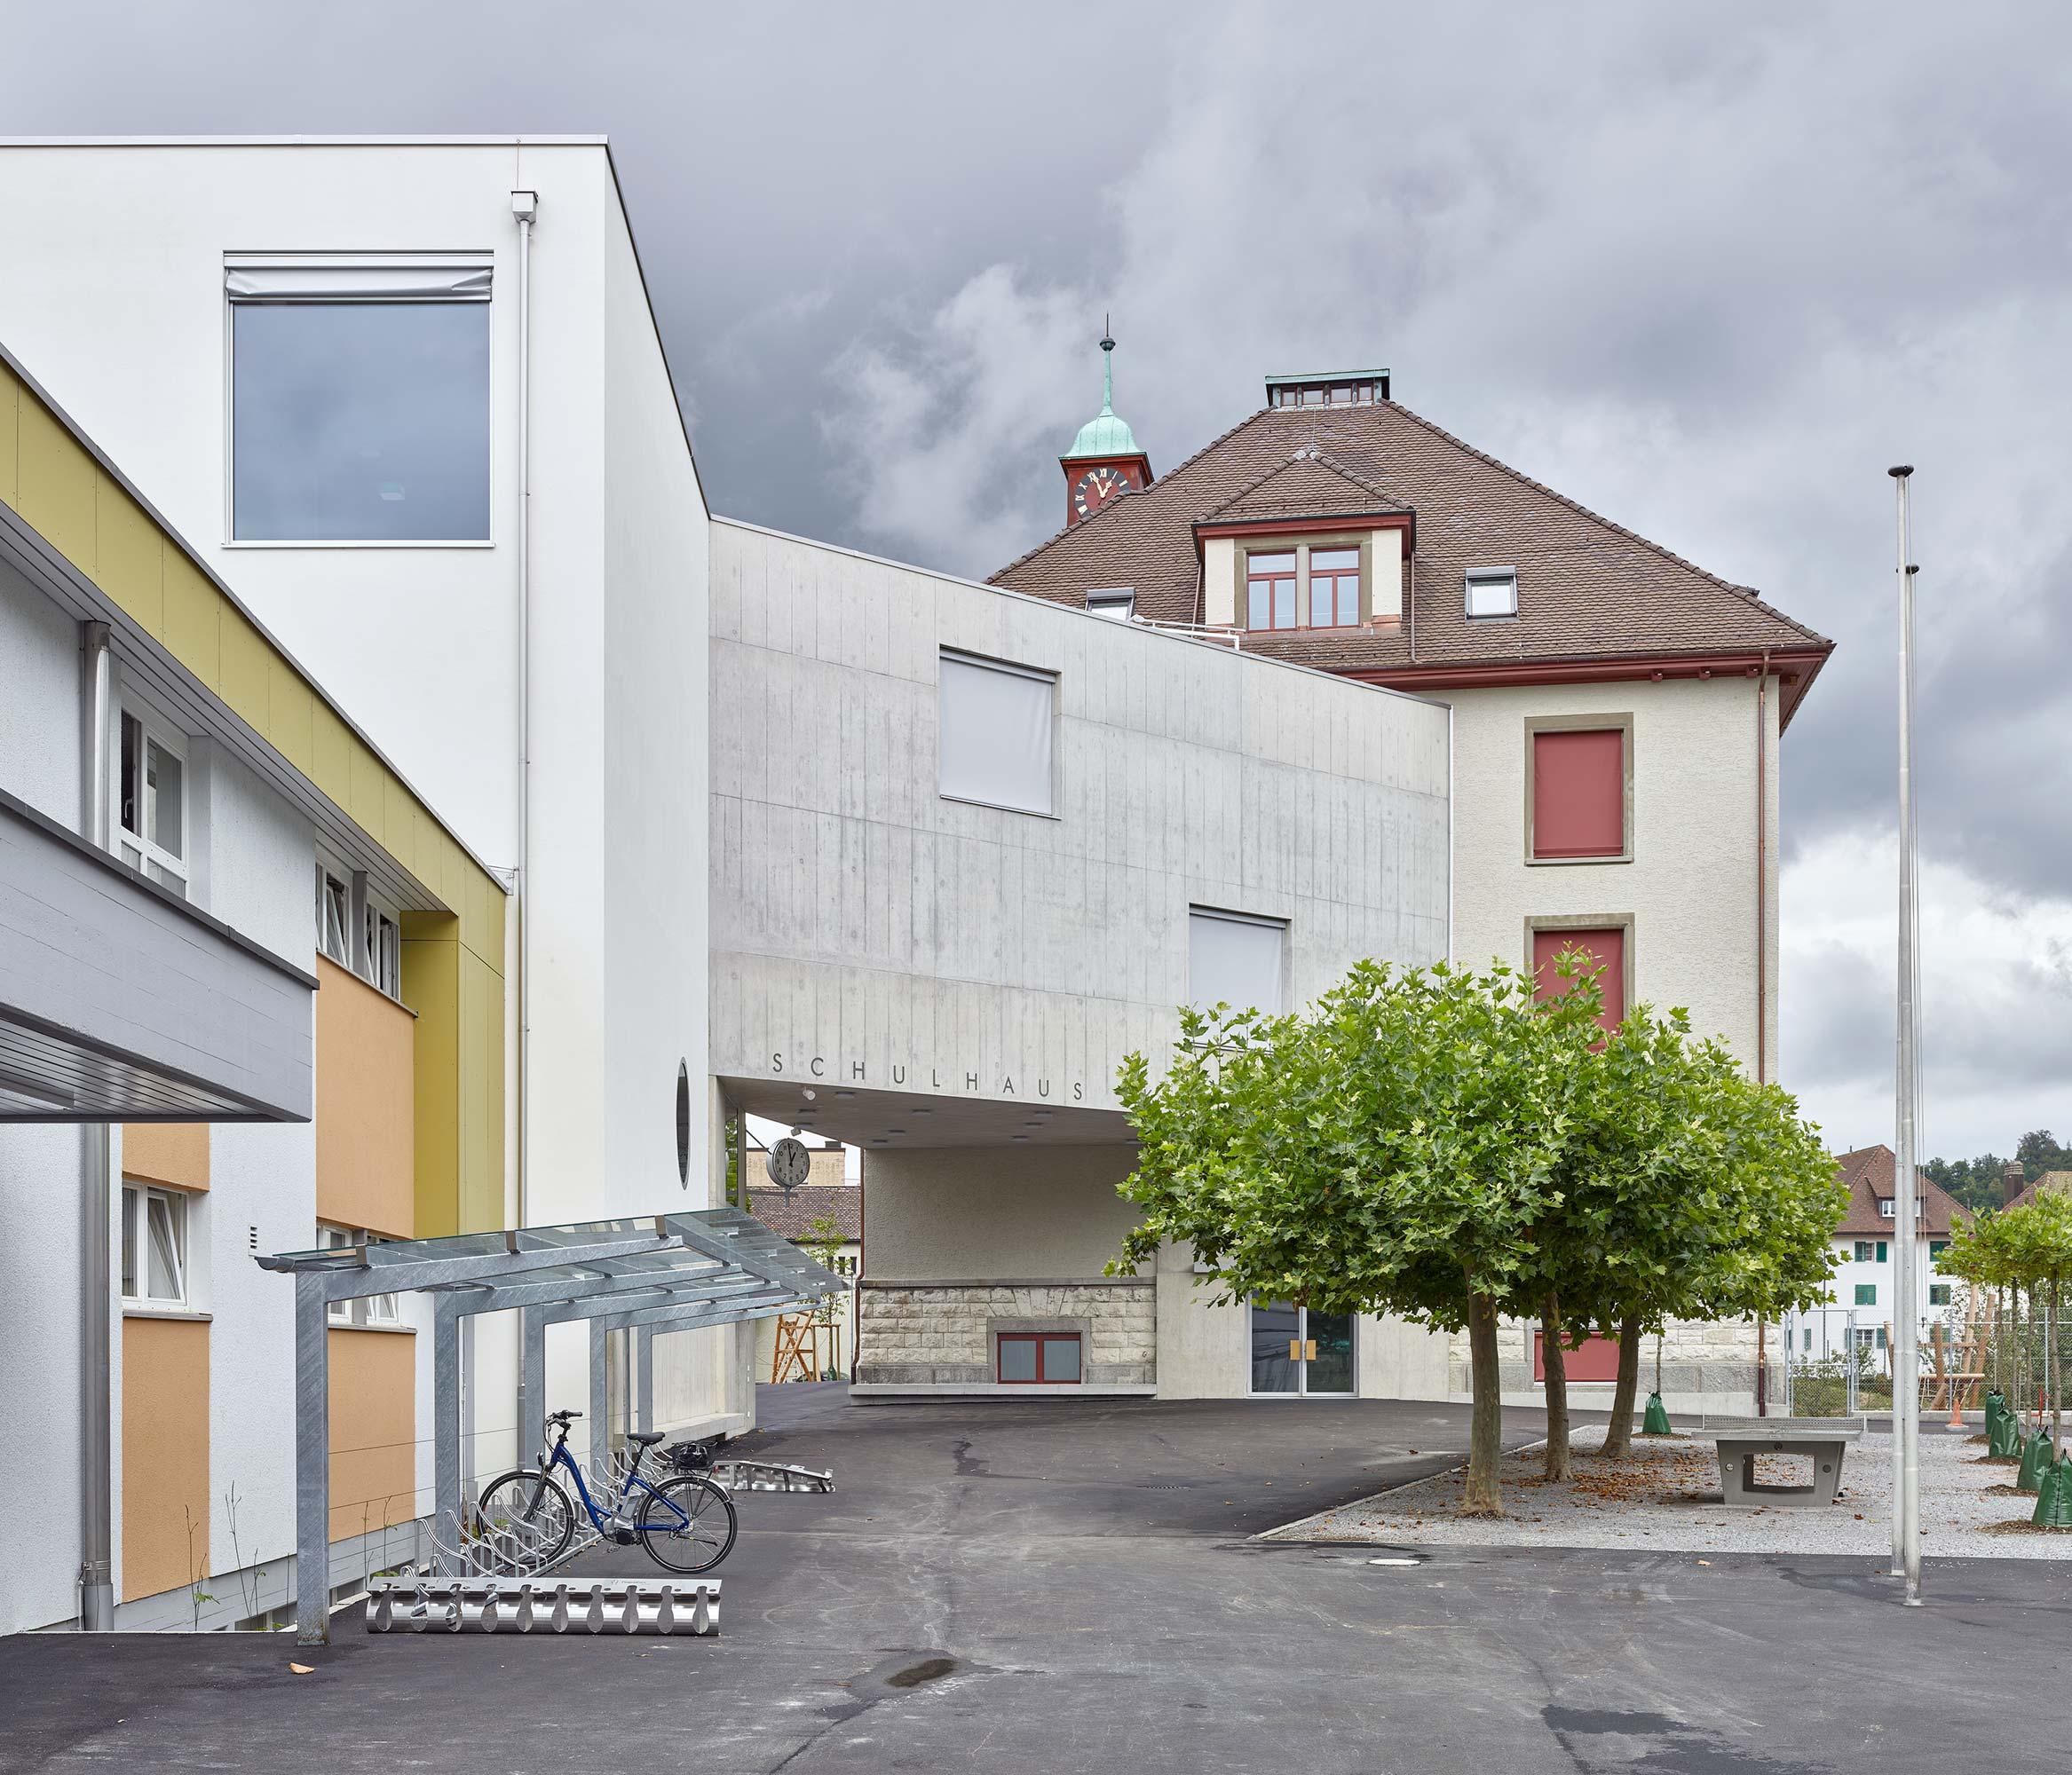 Schulhaus Kirchacker  1/14